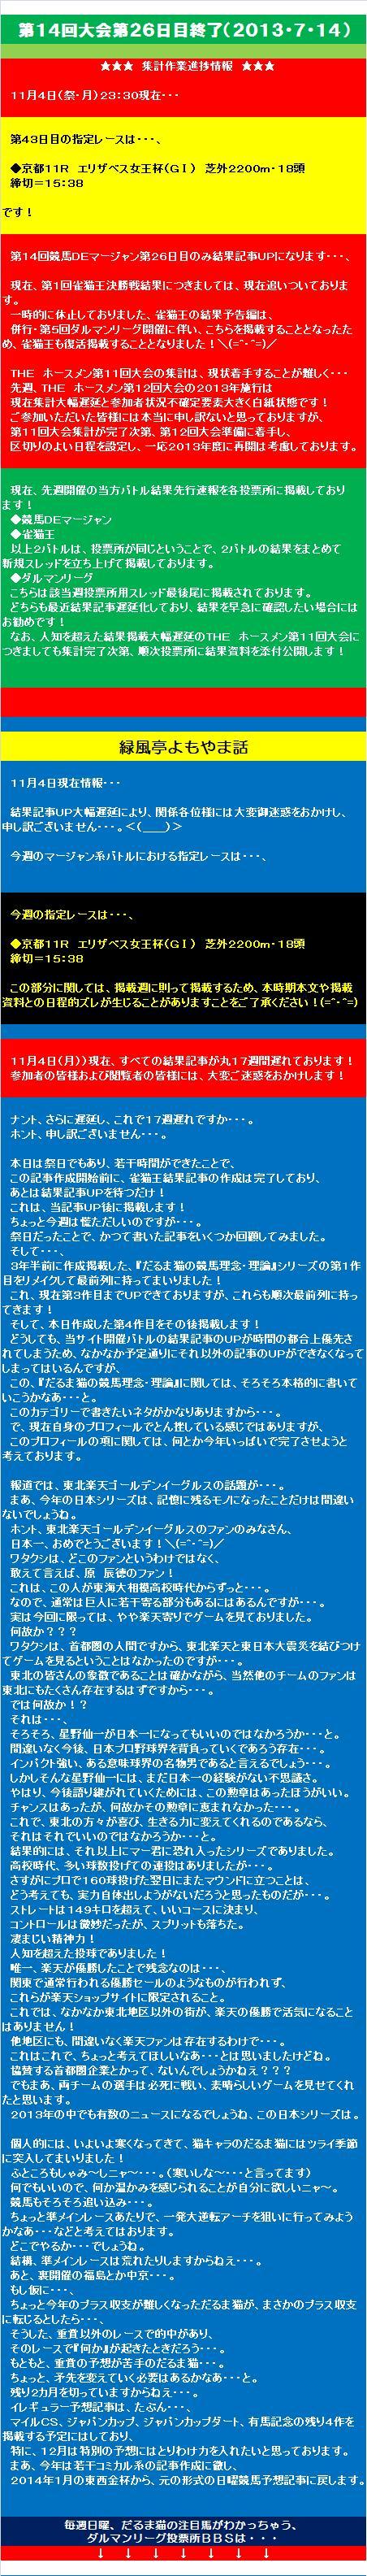 20131105・競馬DEマージャン結果③.jpg